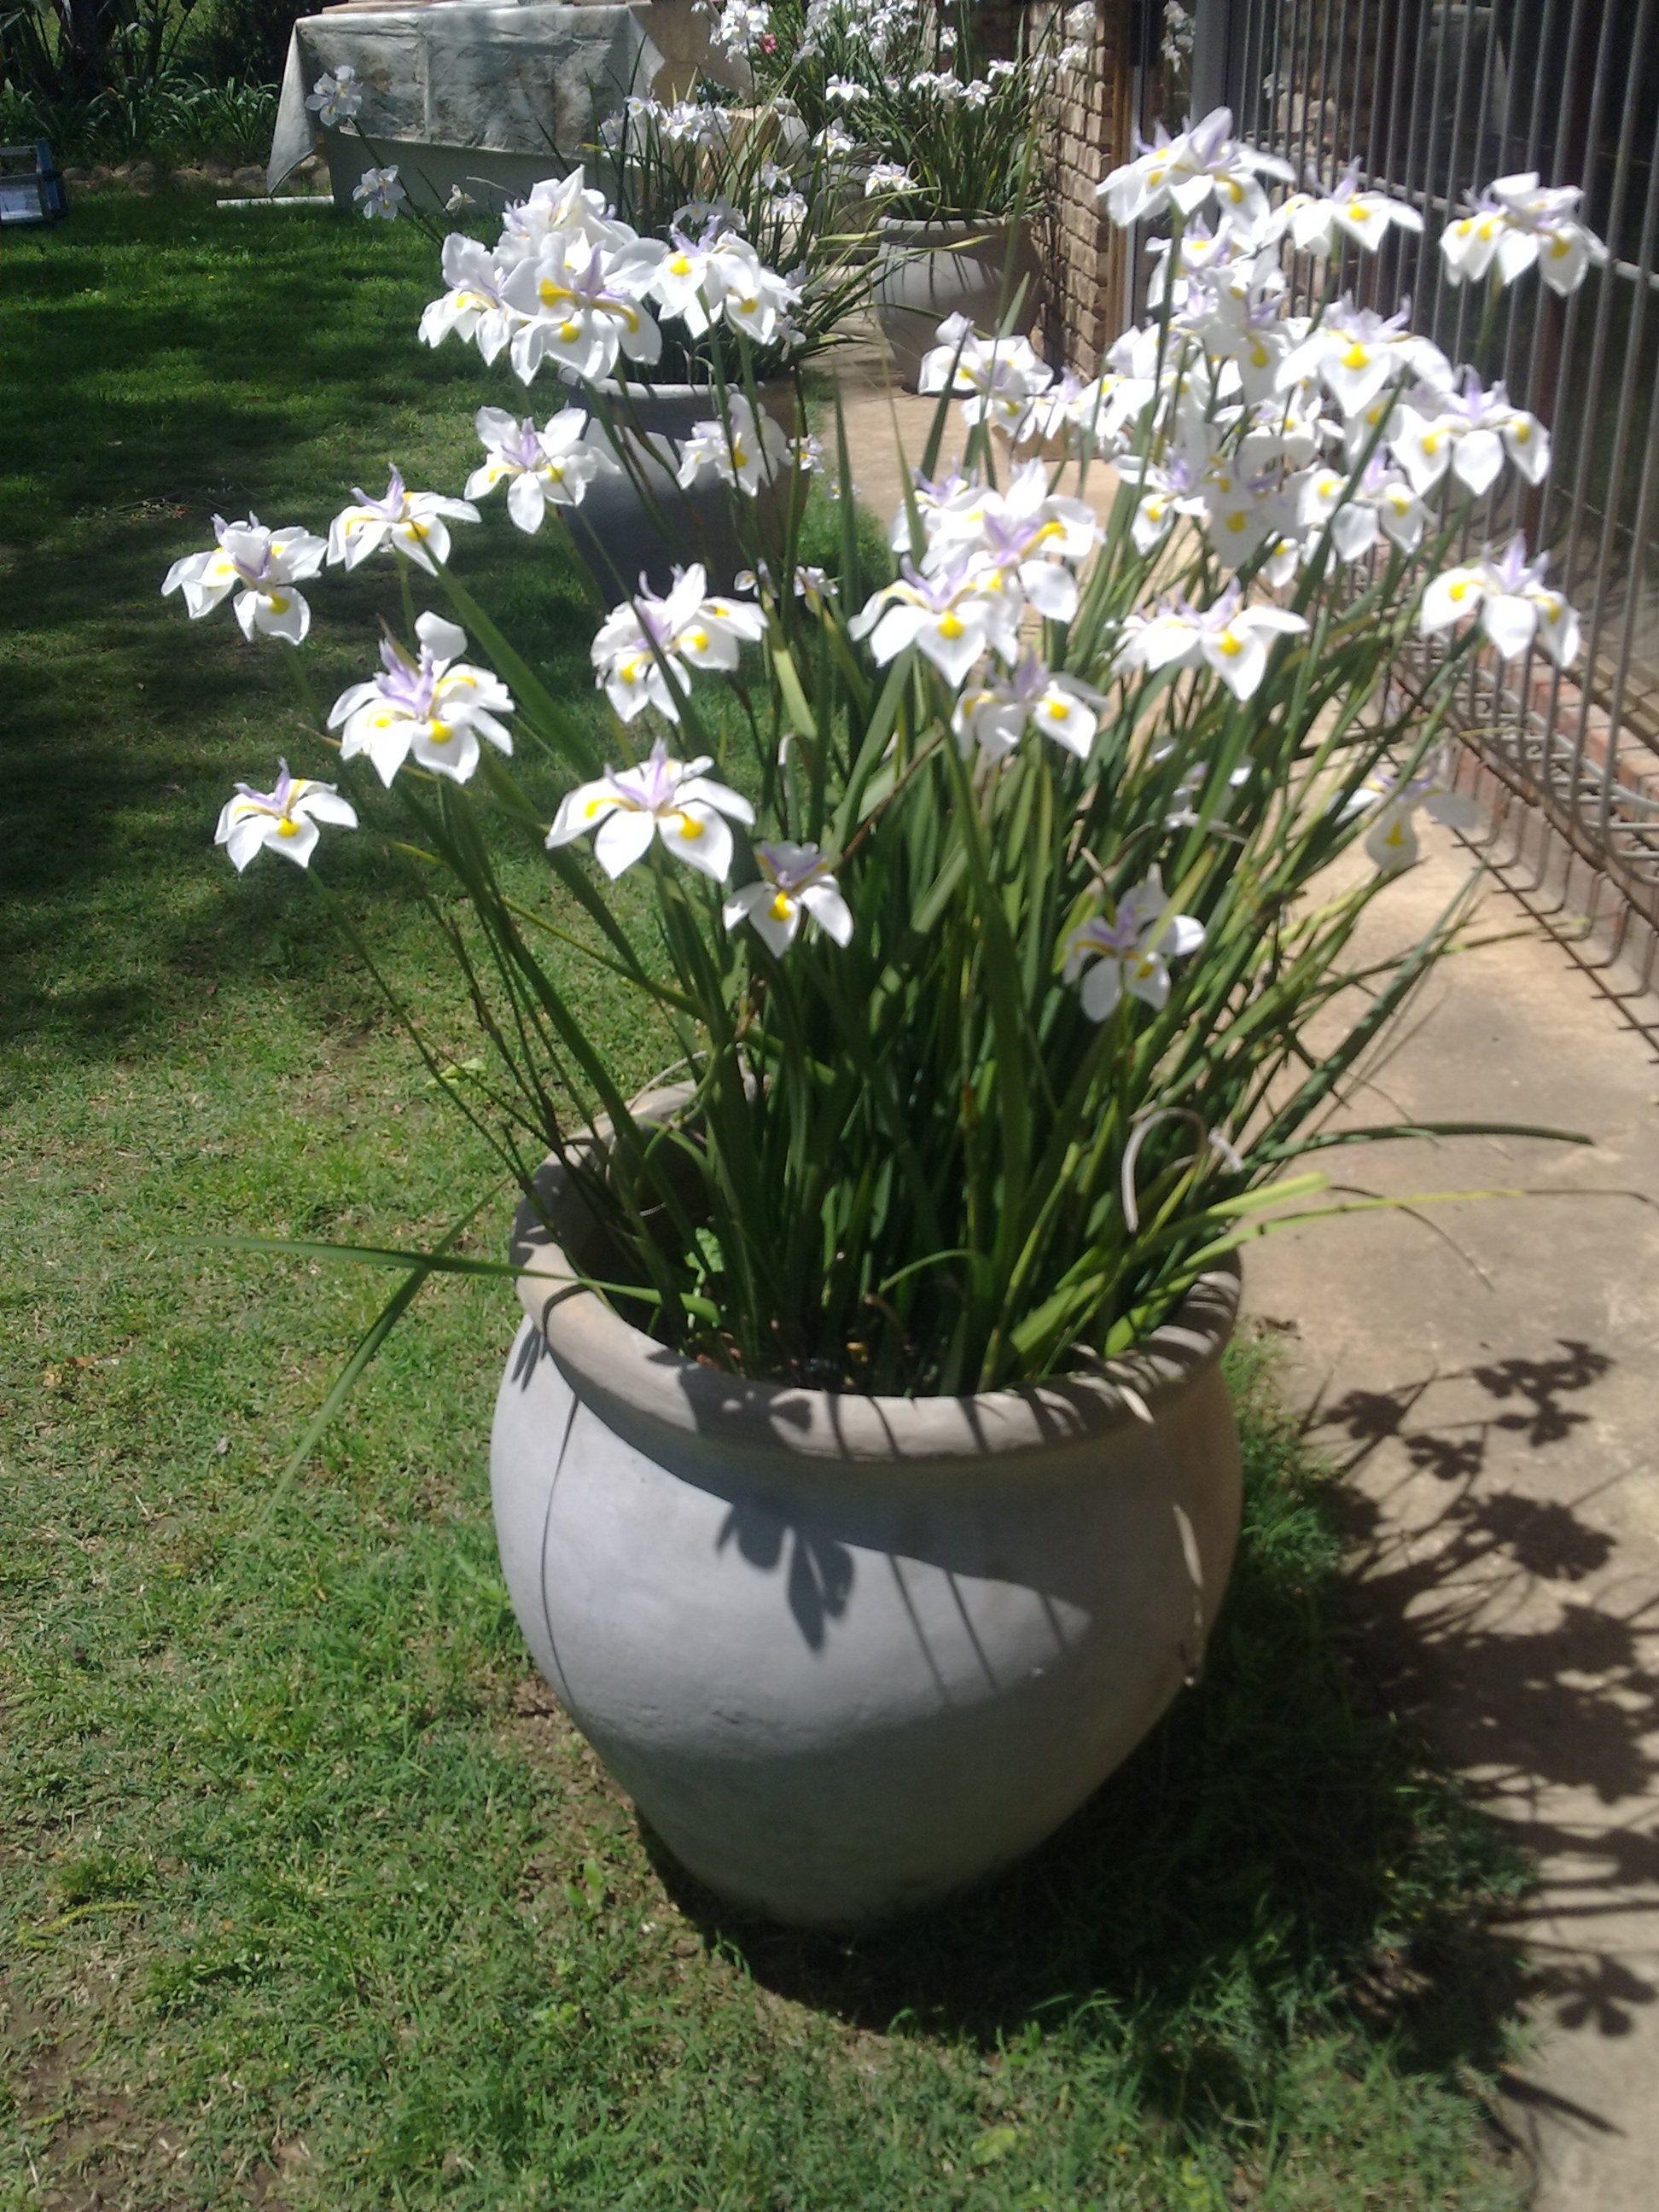 Dietes grandiflora Dit groei voor woonstel se deur in n pot Sodra dit wil begin reen dan blom plant Blom 22 Des 2013 Re n 23 12 013